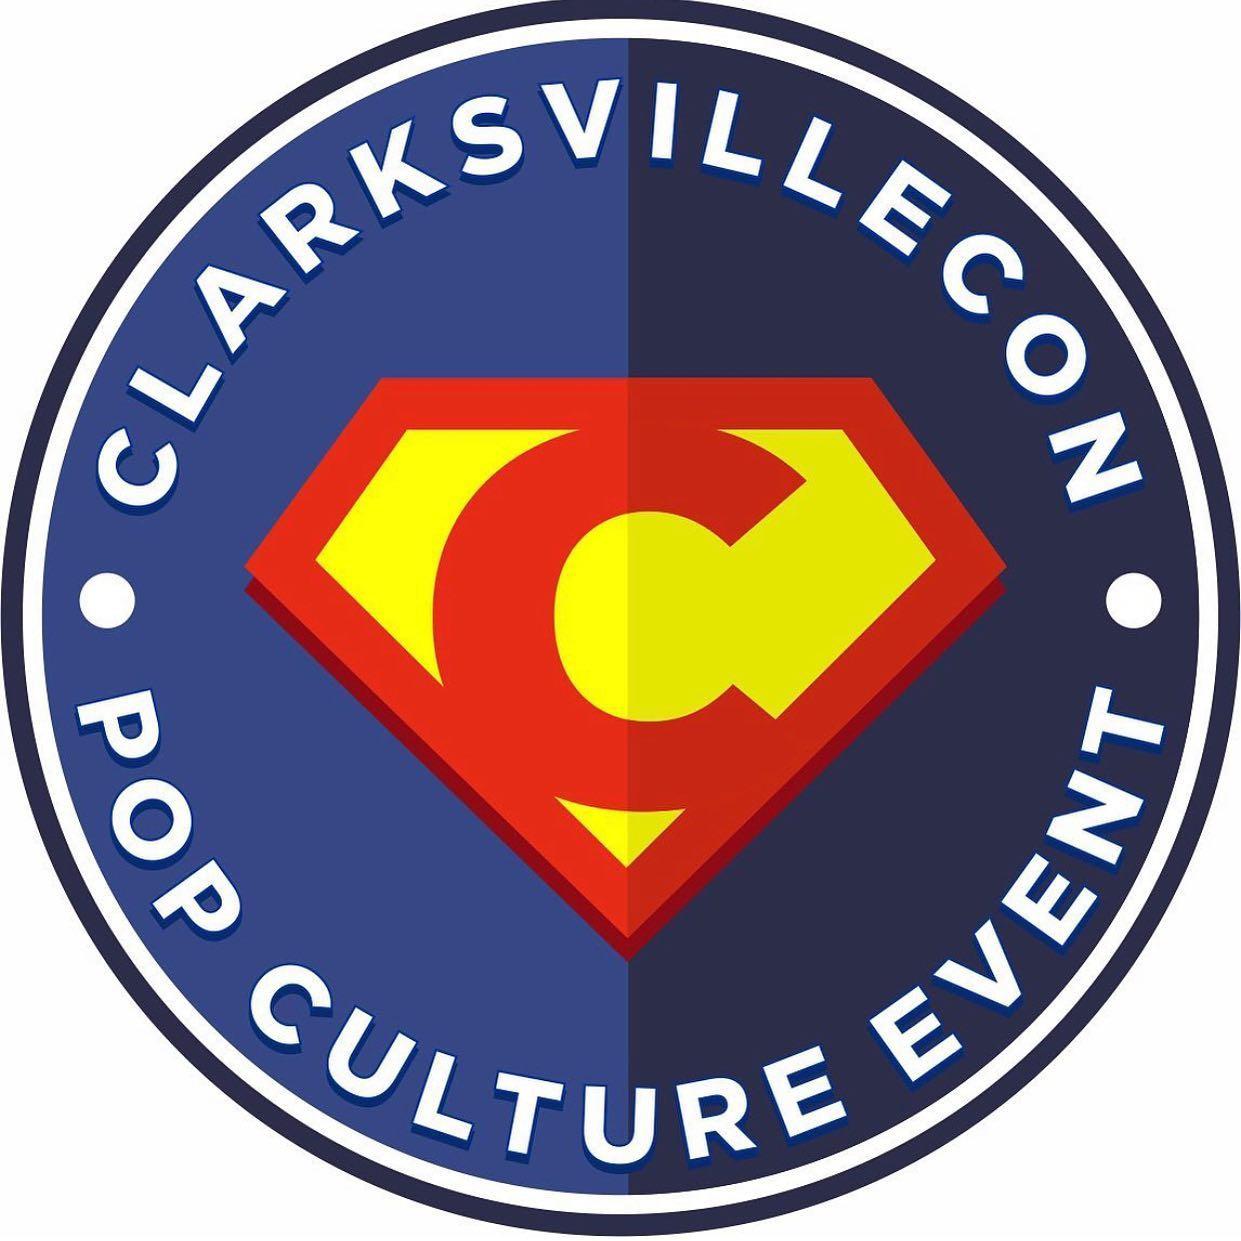 Clarksvillecon Convention Photos